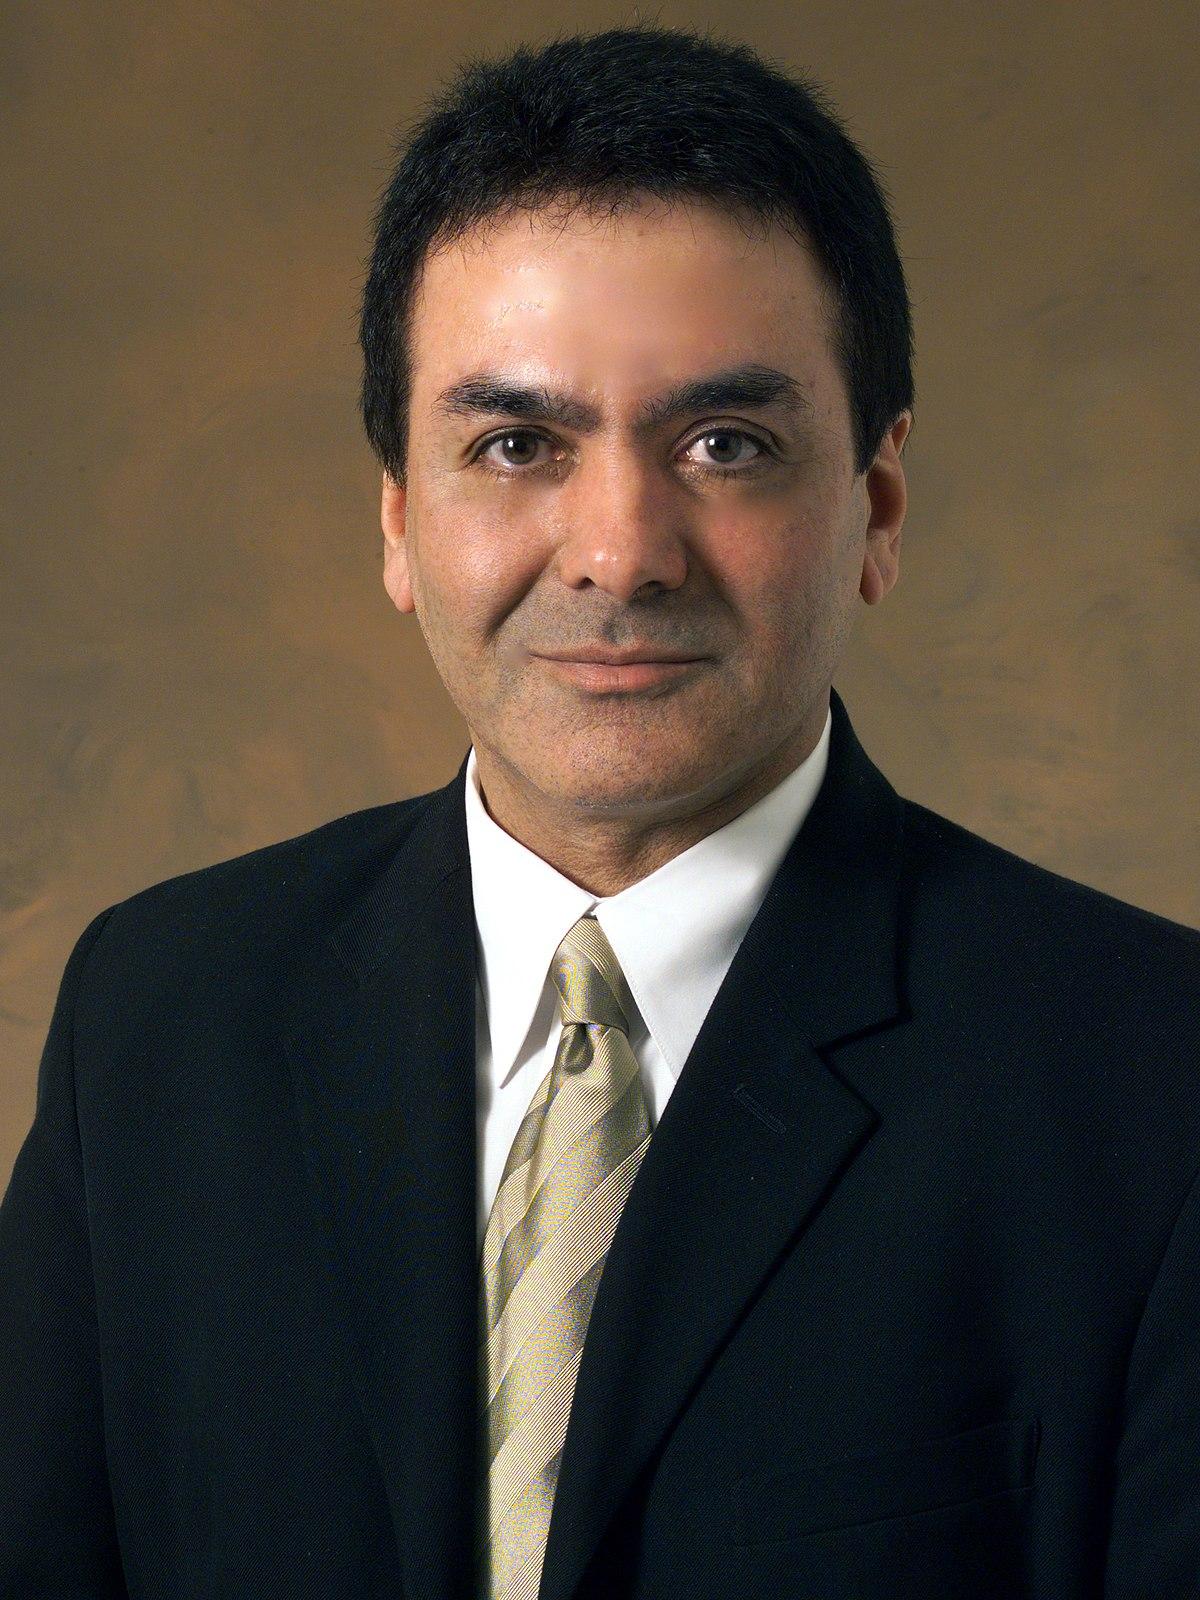 فیروز نادری - ویکیپدیا، دانشنامهٔ آزاد